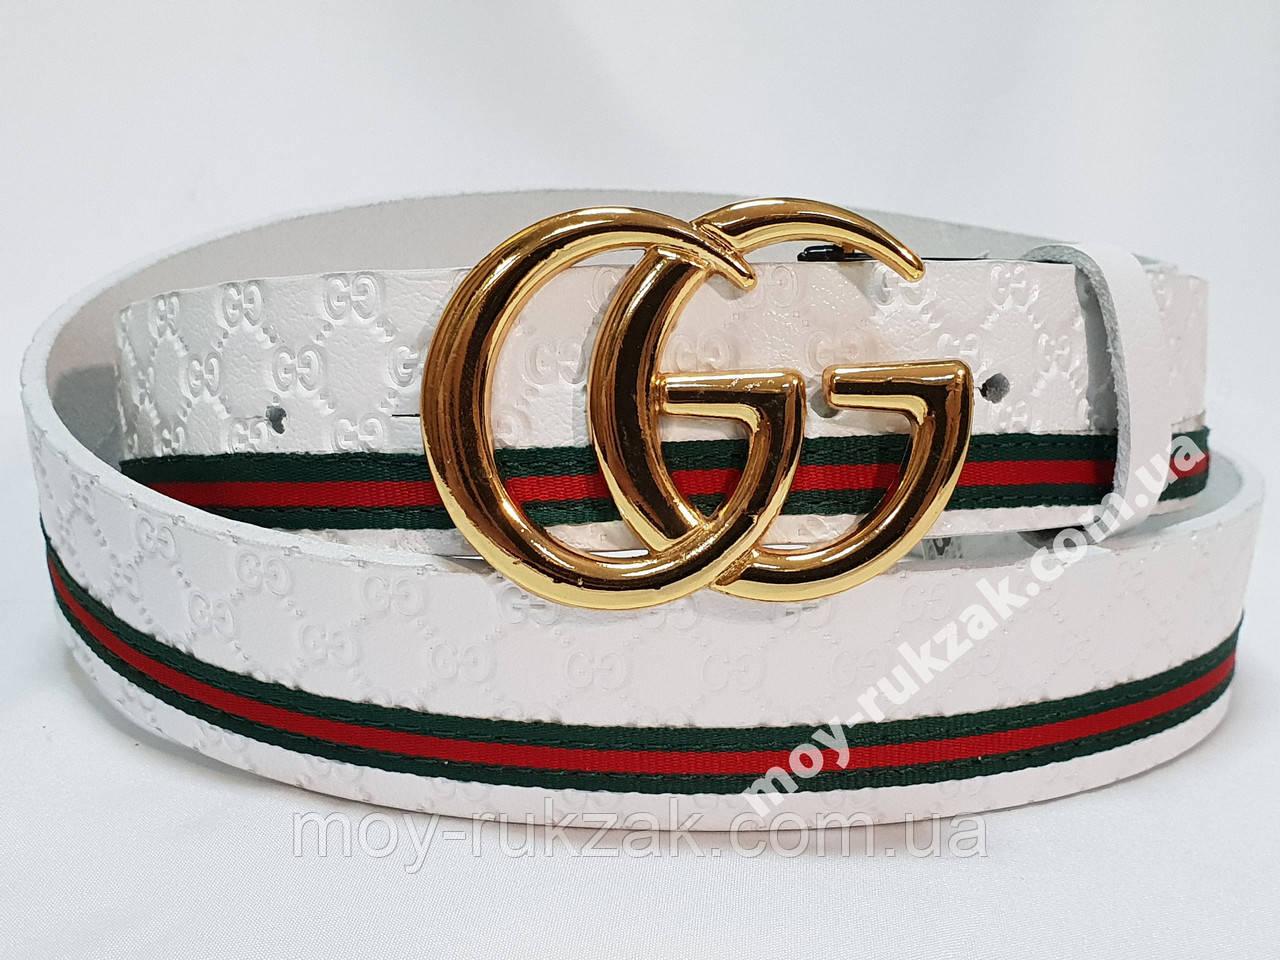 Ремень женский кожаный Gucci, ширина 40 мм., реплика арт. 930711